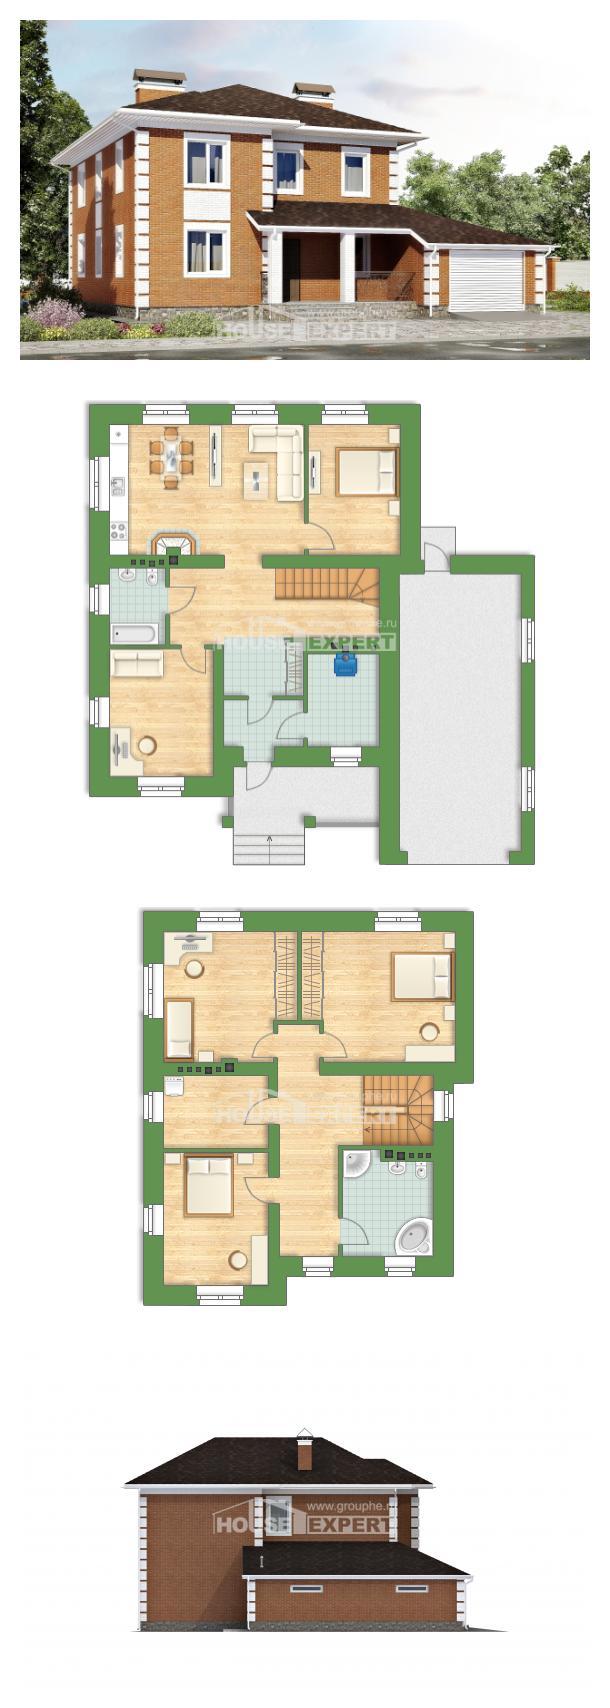 Plan 220-004-L   House Expert